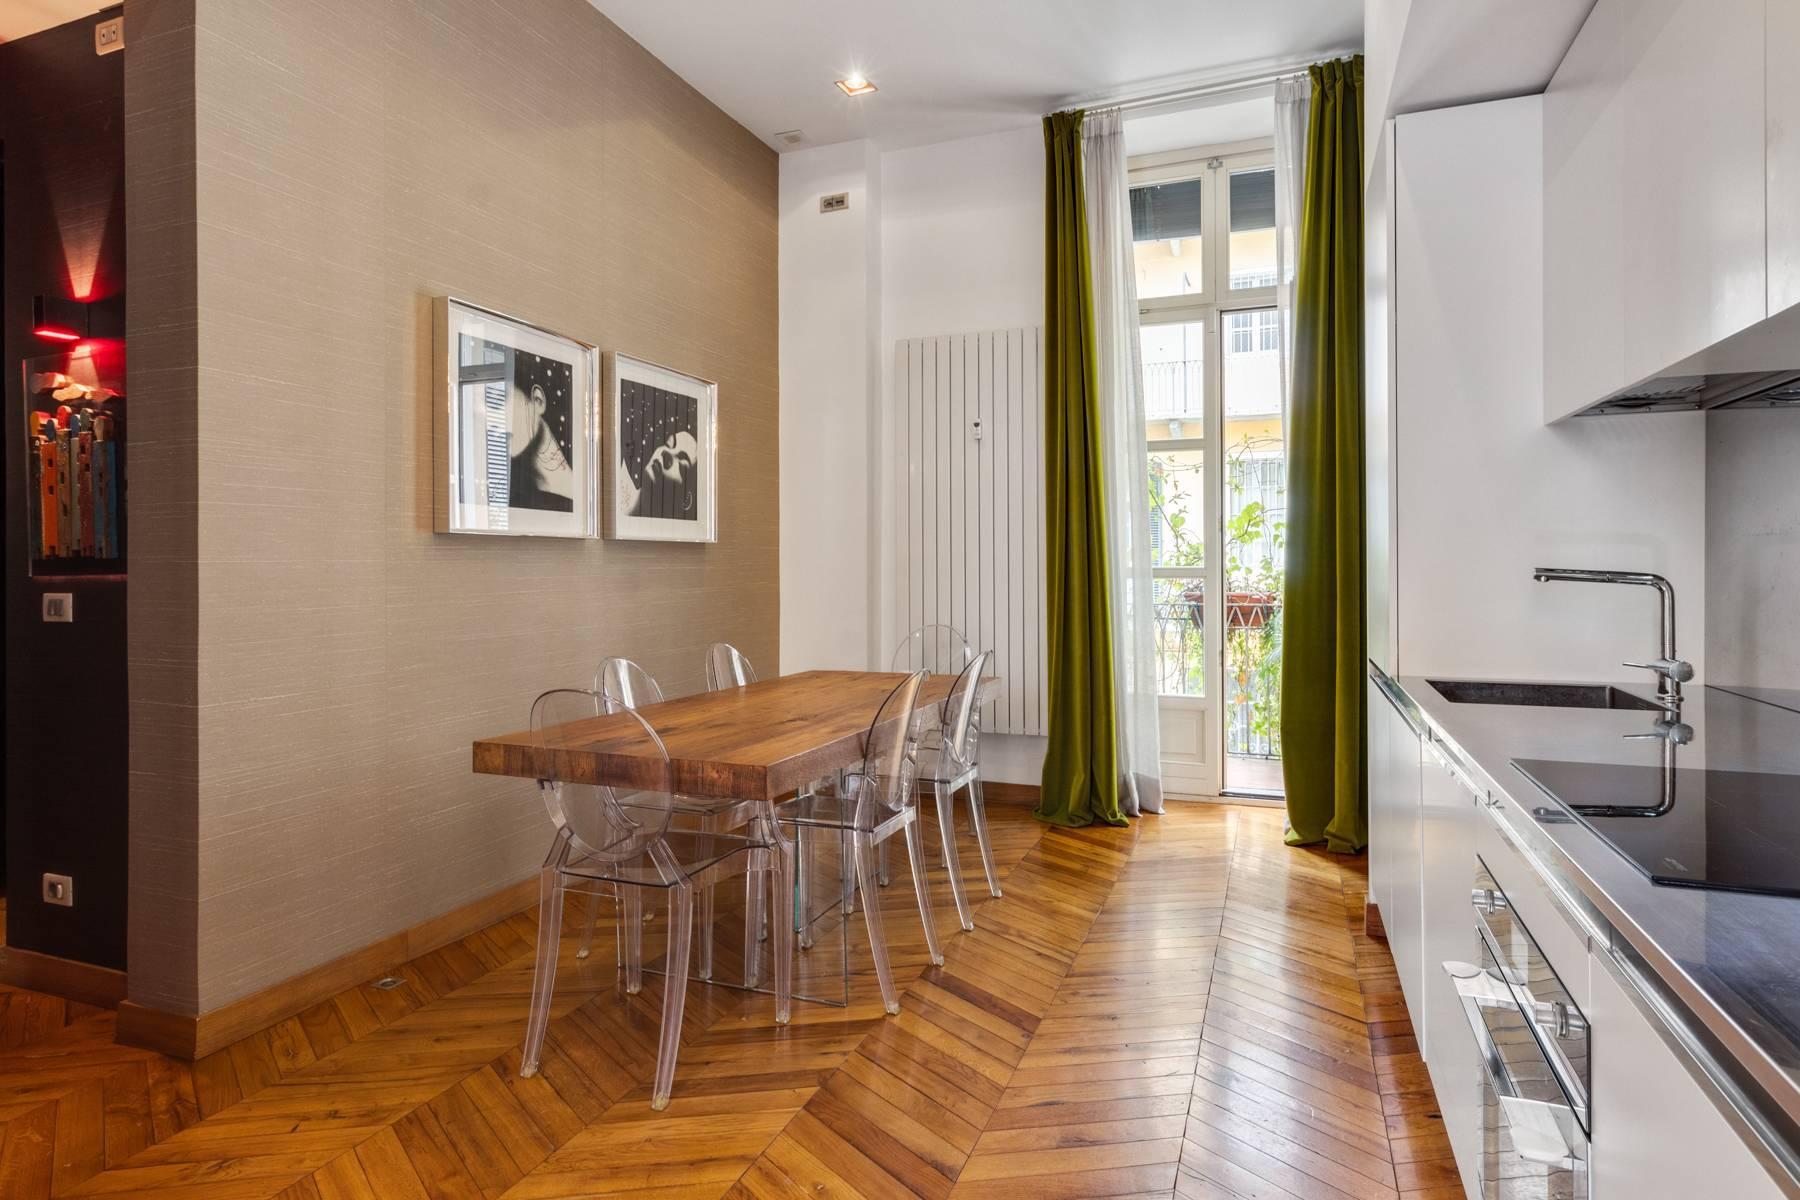 Affascinante appartamento nel cuore del quartiere Cit Turin - 3